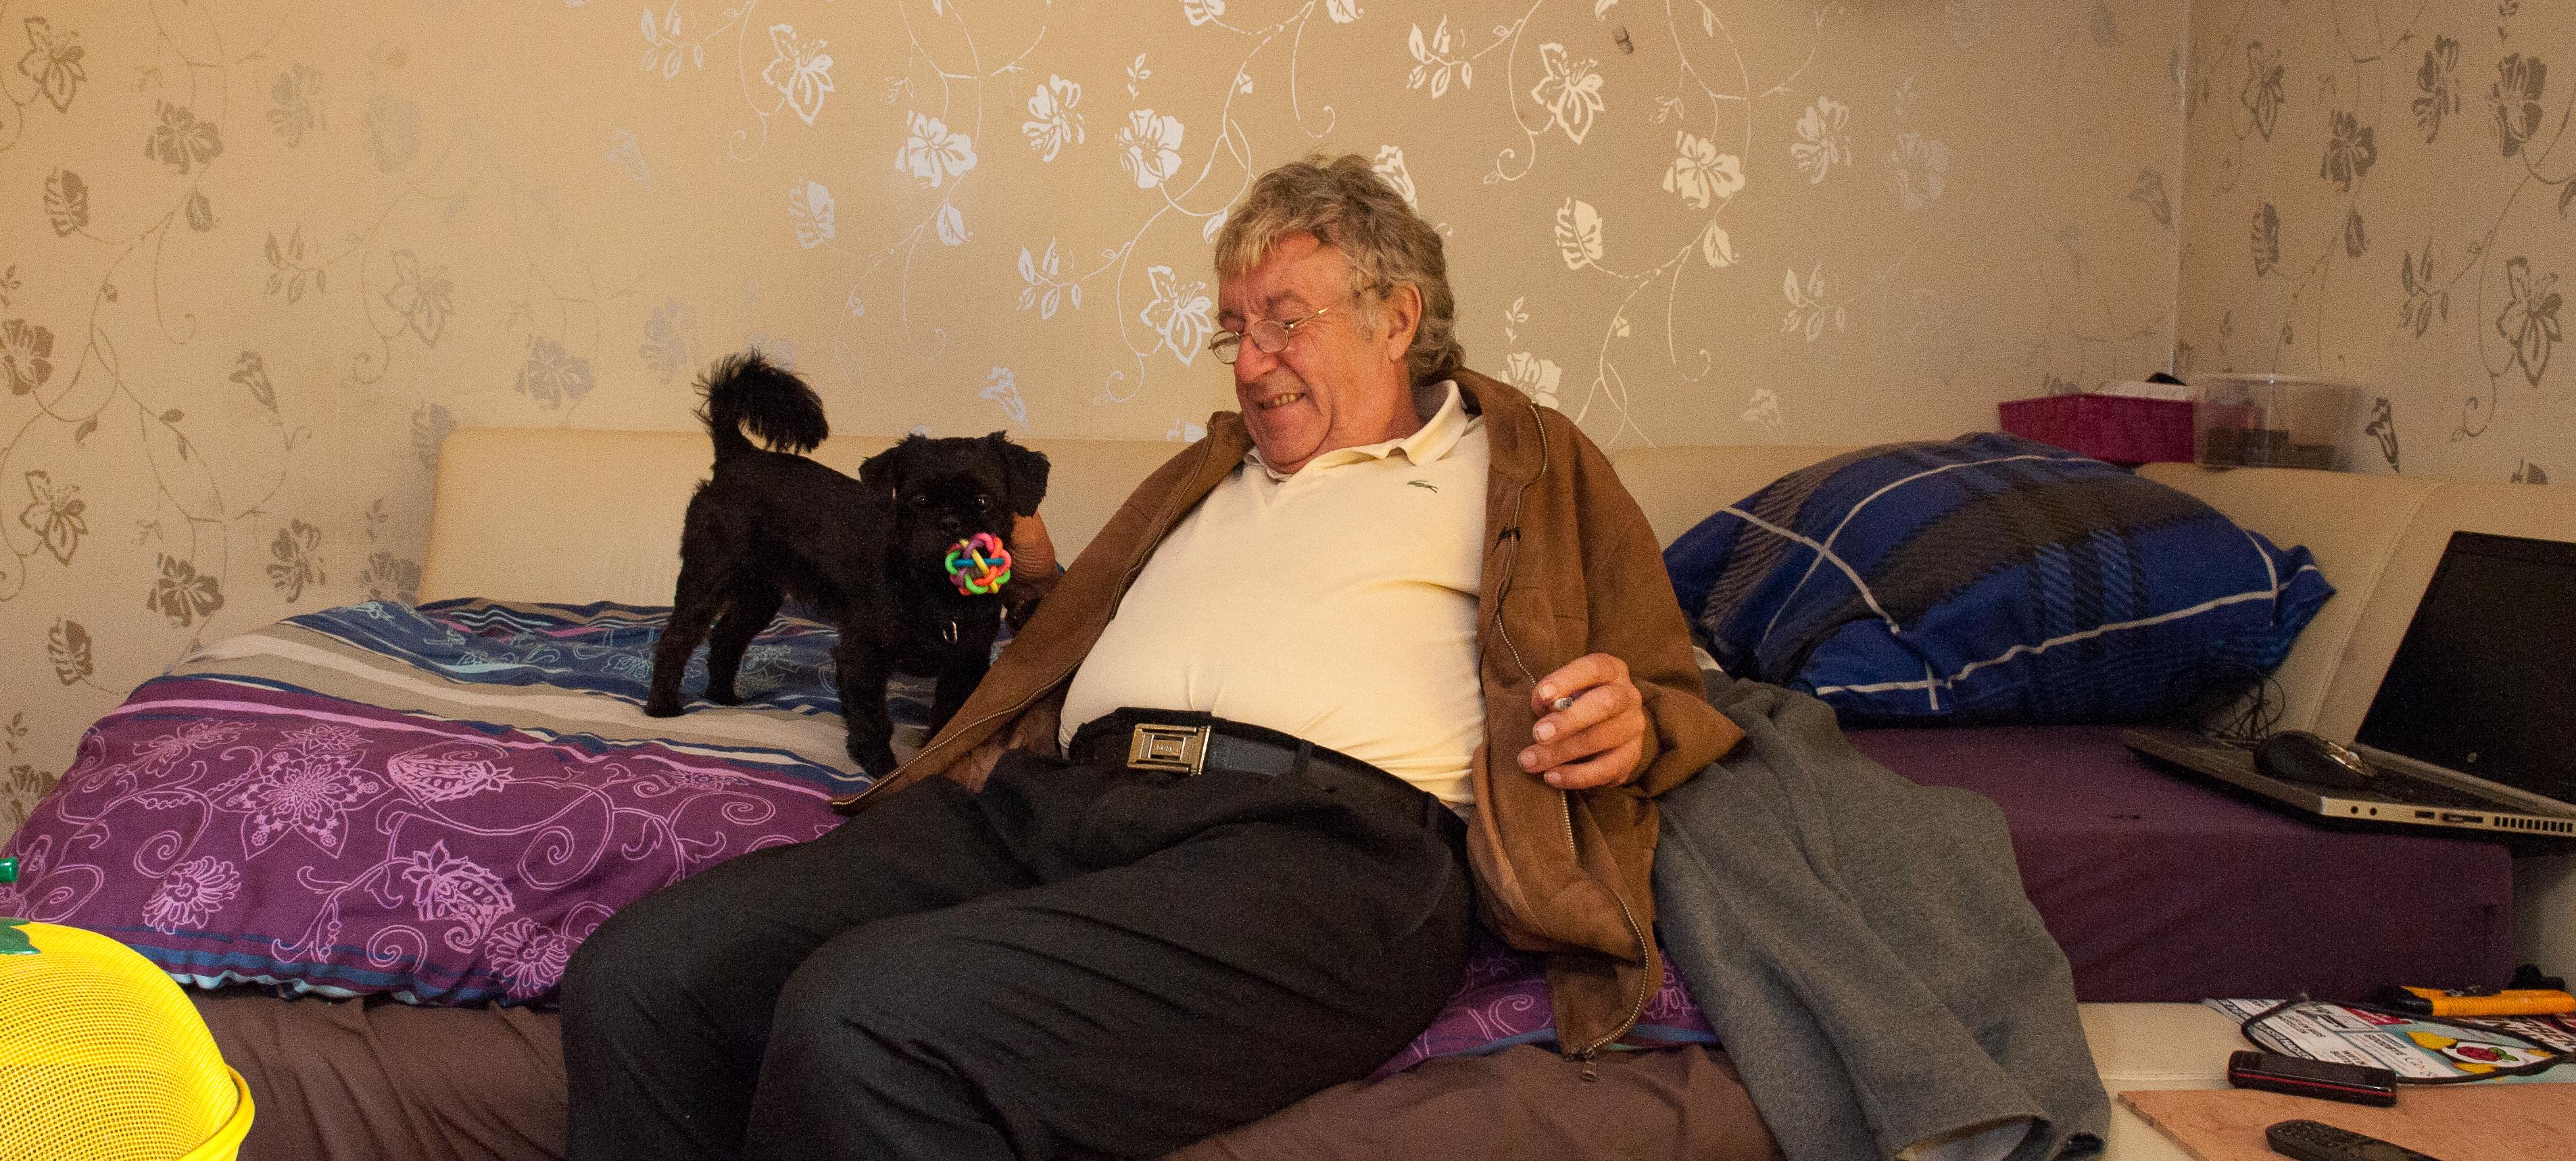 Gilbert in België, net teruggekeerd uit Kenia, 2014